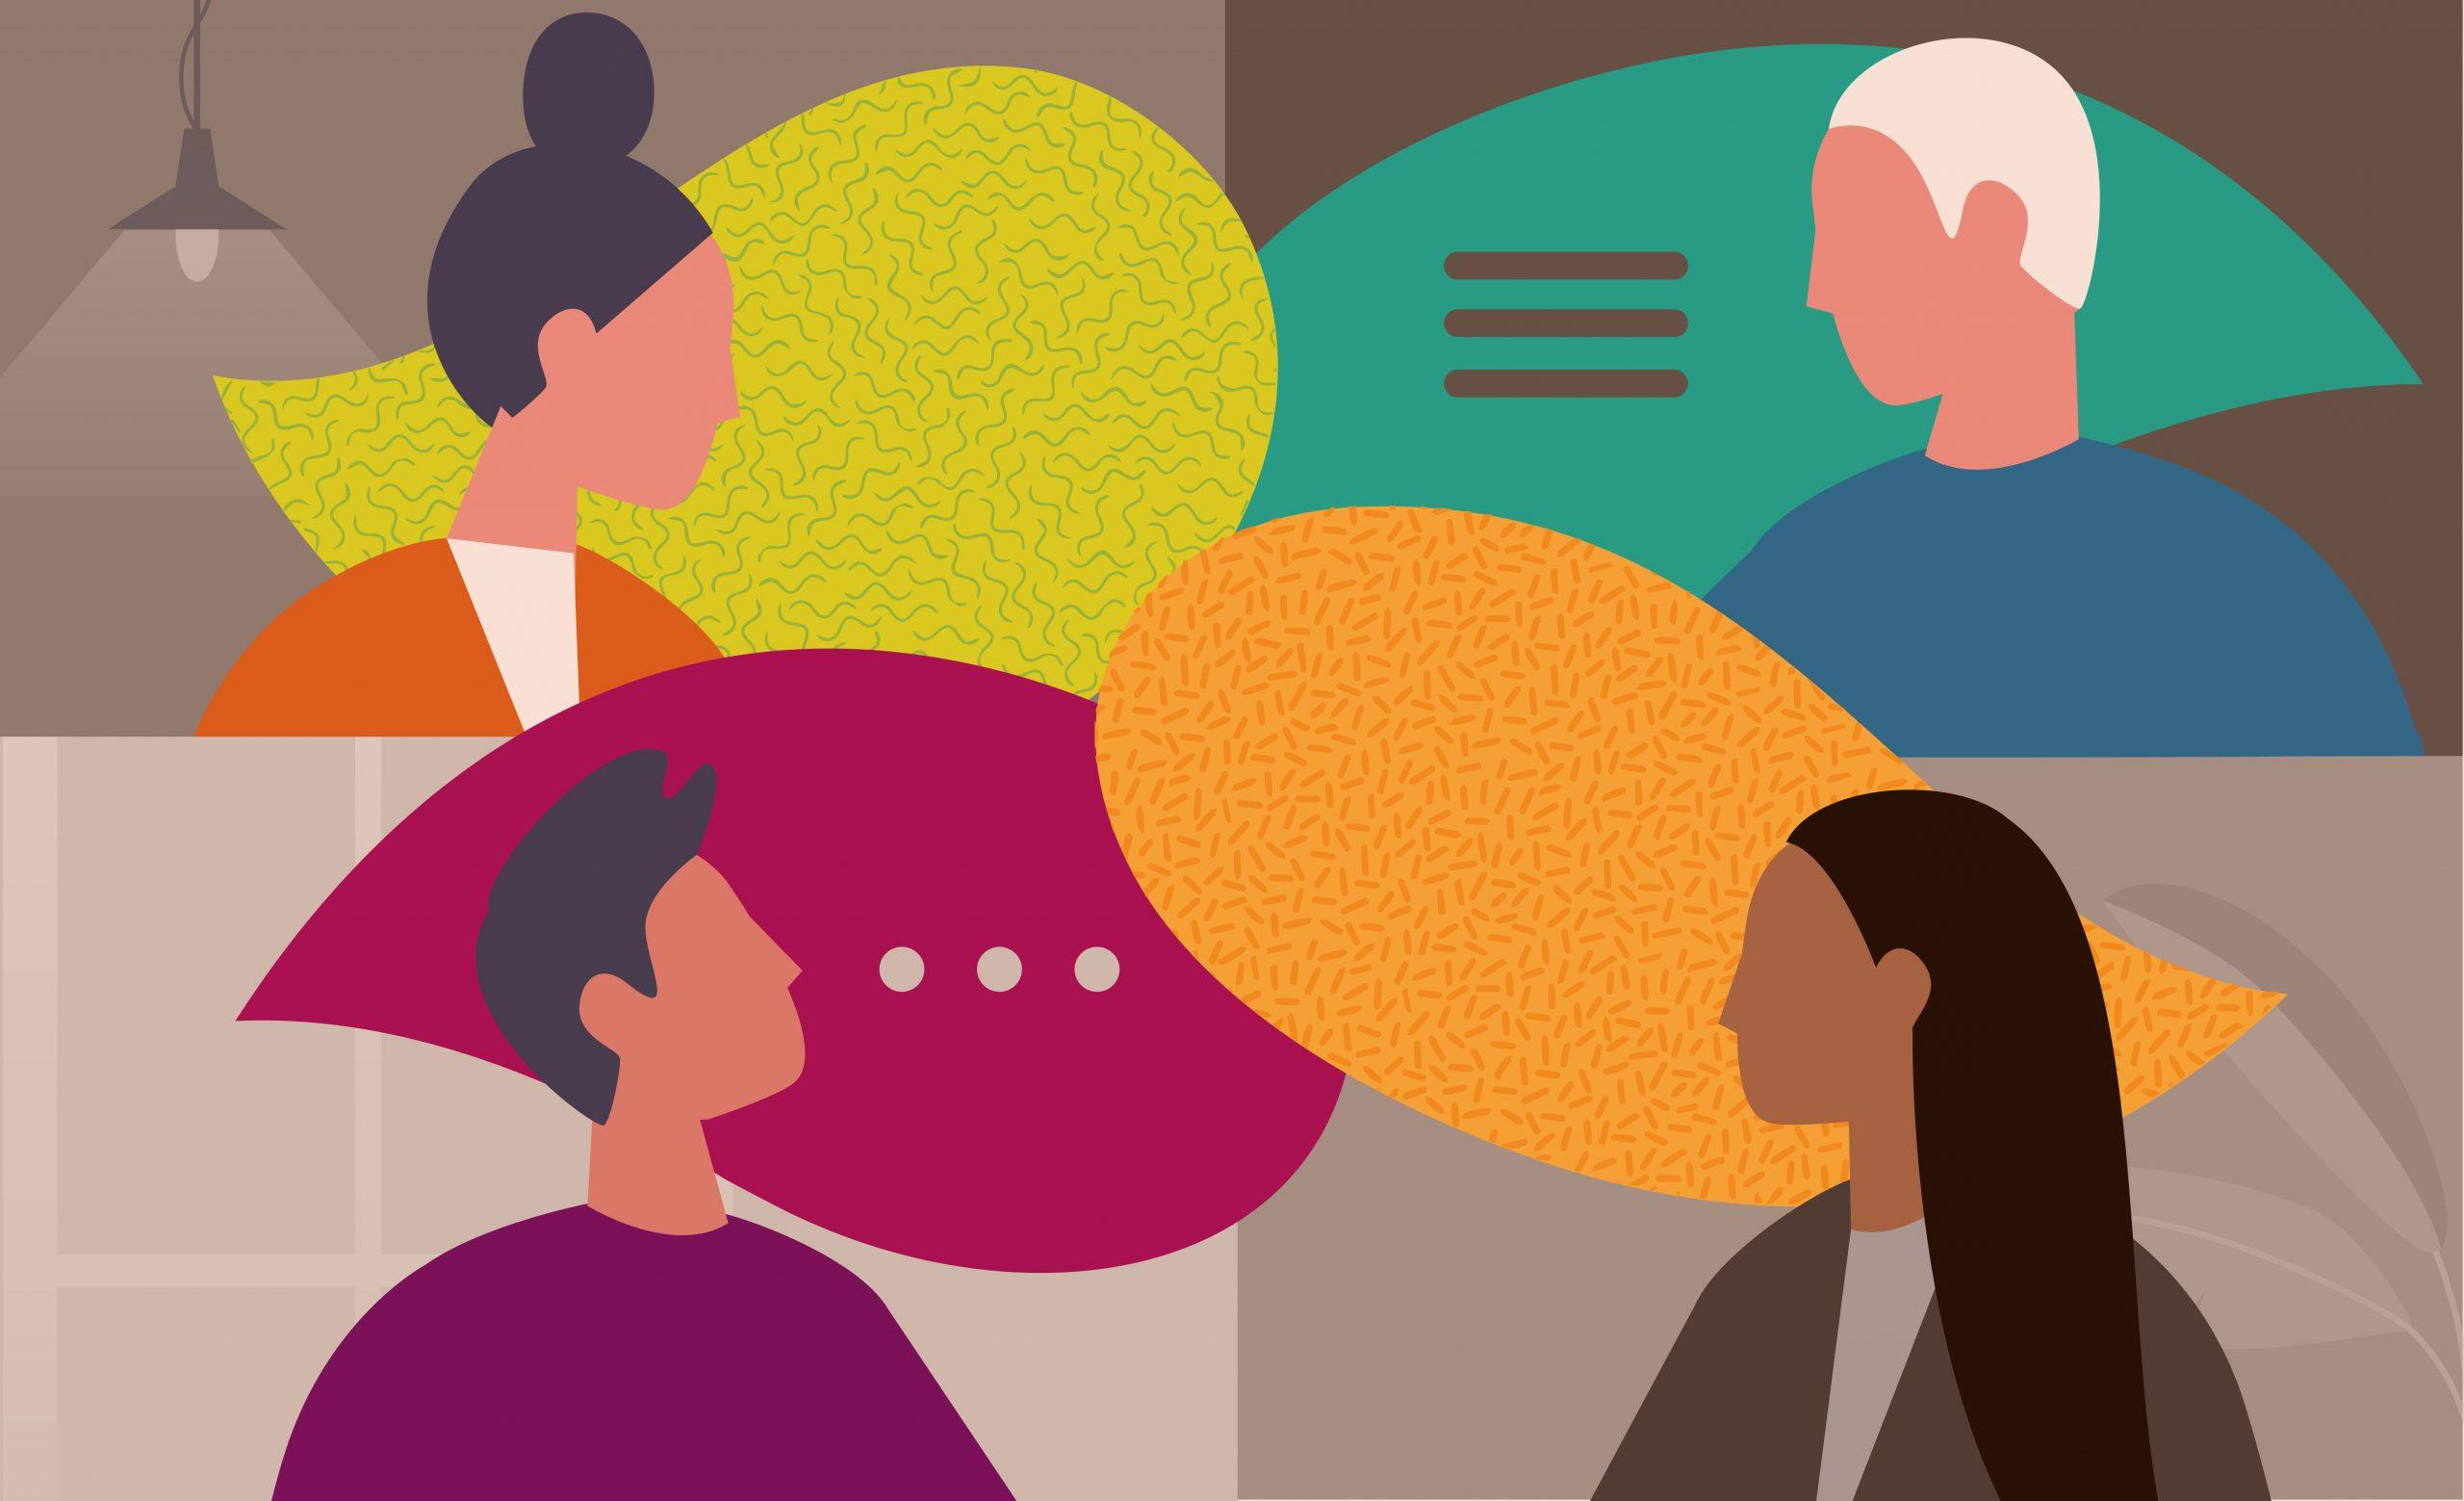 ارتباط با خودمان مقدمه ارتباط با دیگران است